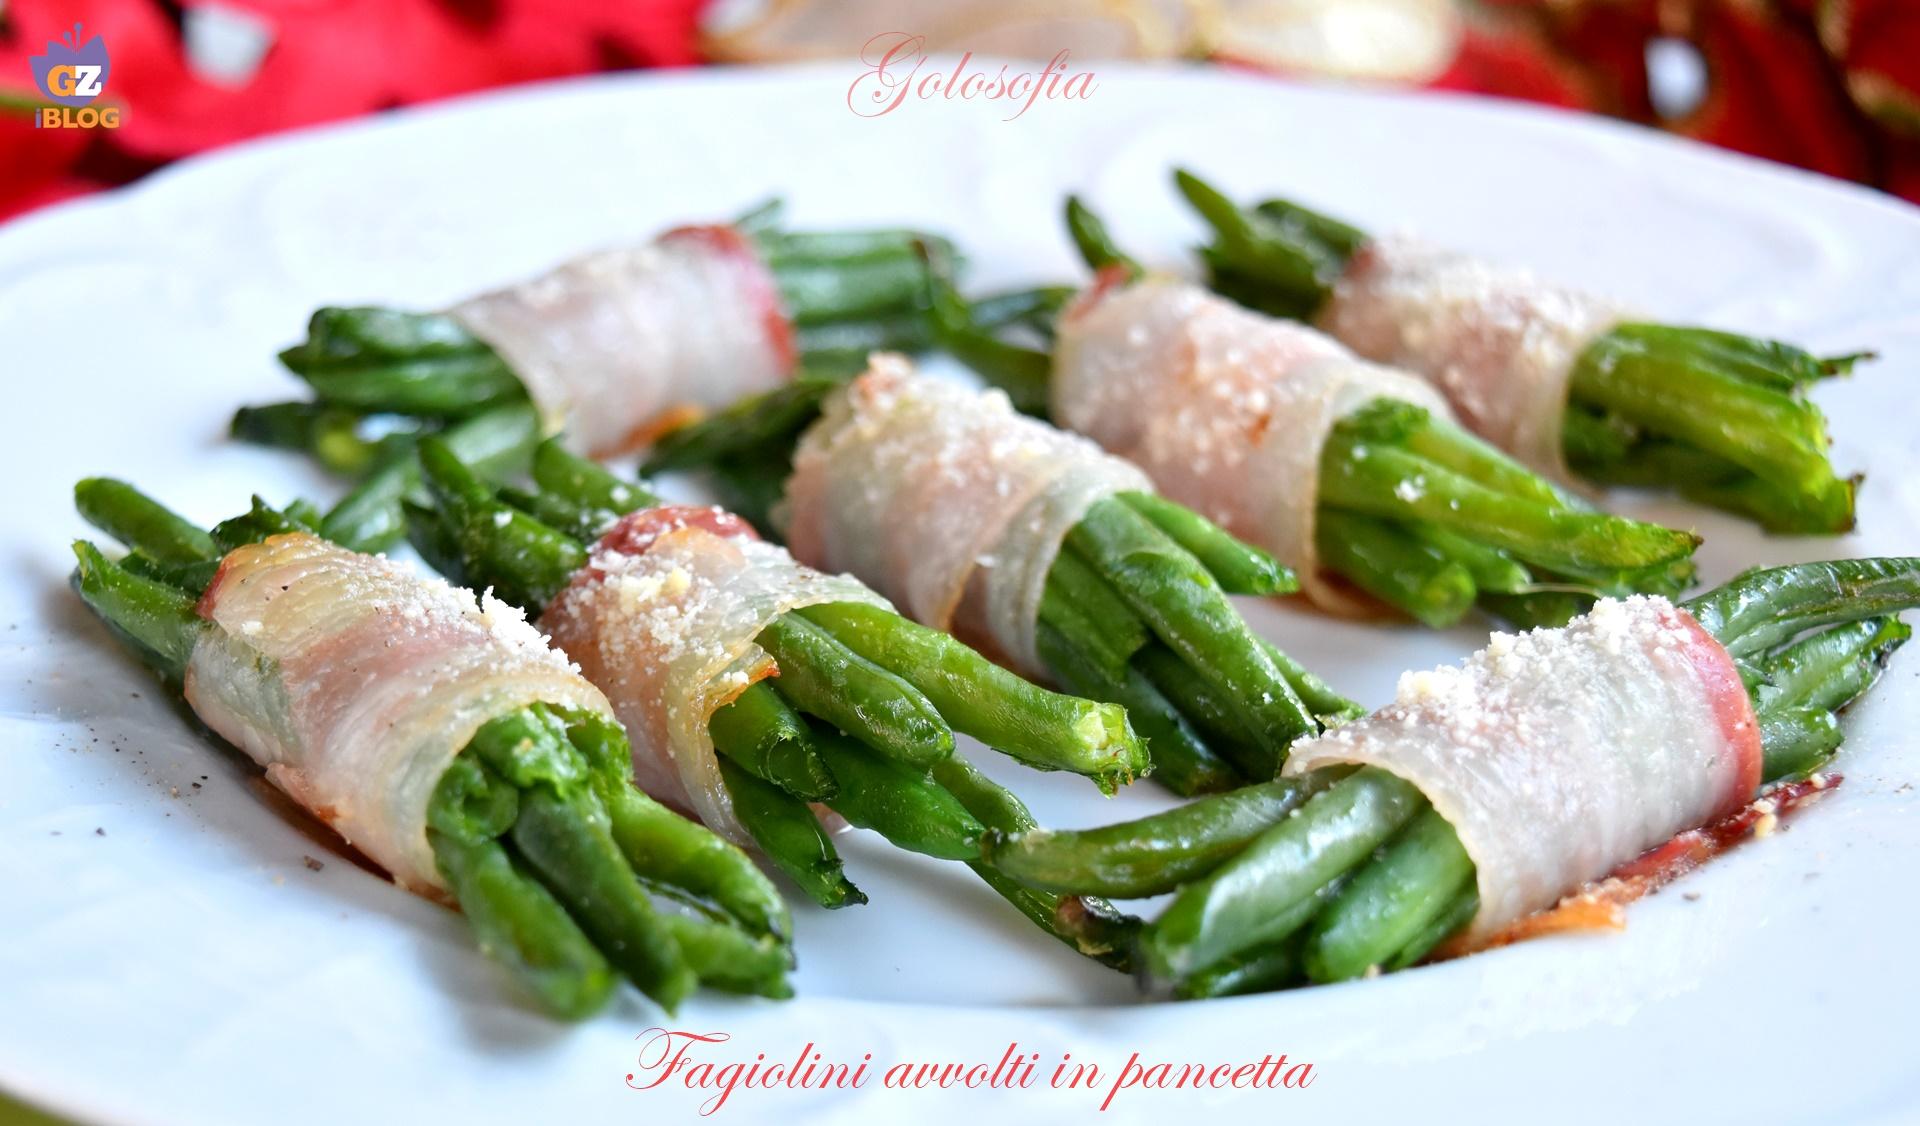 Fagiolini avvolti in pancetta, ricetta semplice gustosissima